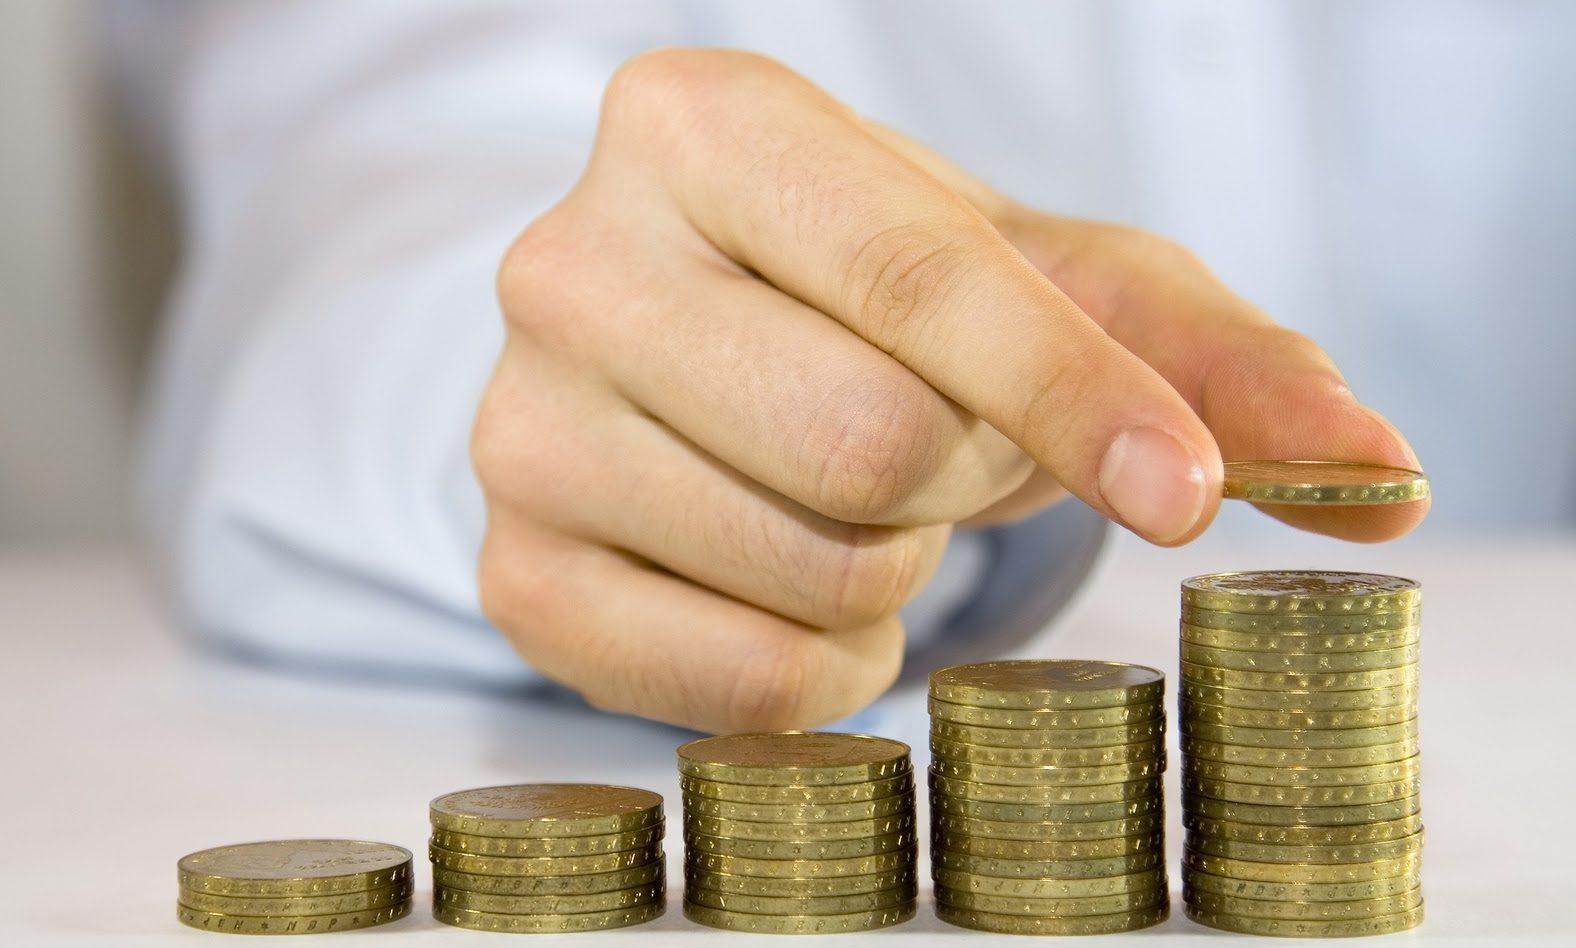 hogyan lehet pénzt keresni, ha nincs elég pénz pénzt keresni a belépéshez